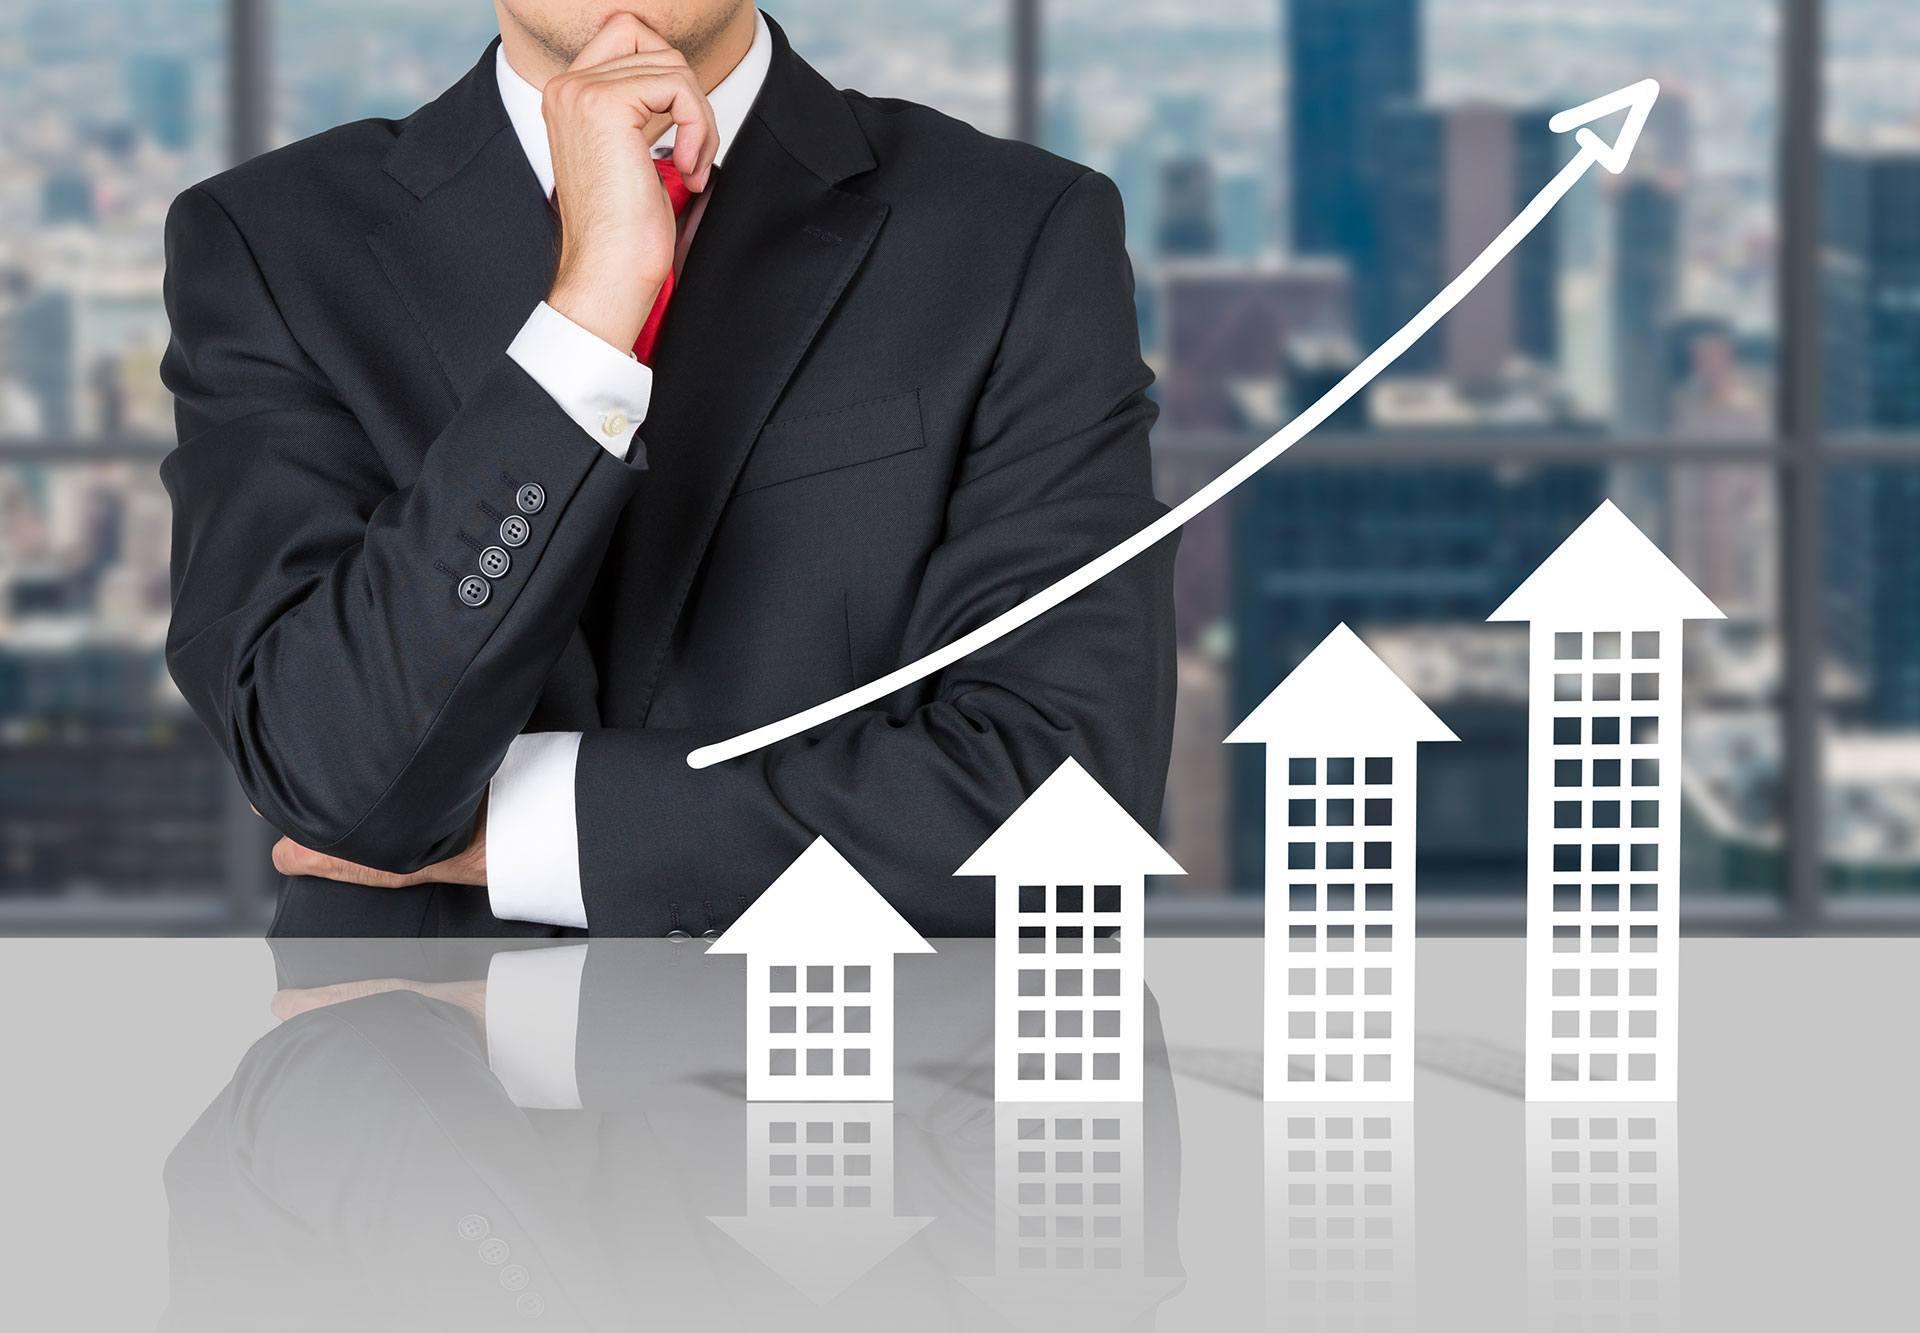 Pr t pour investissement immobilier paf financement - Investissement participatif immobilier ...